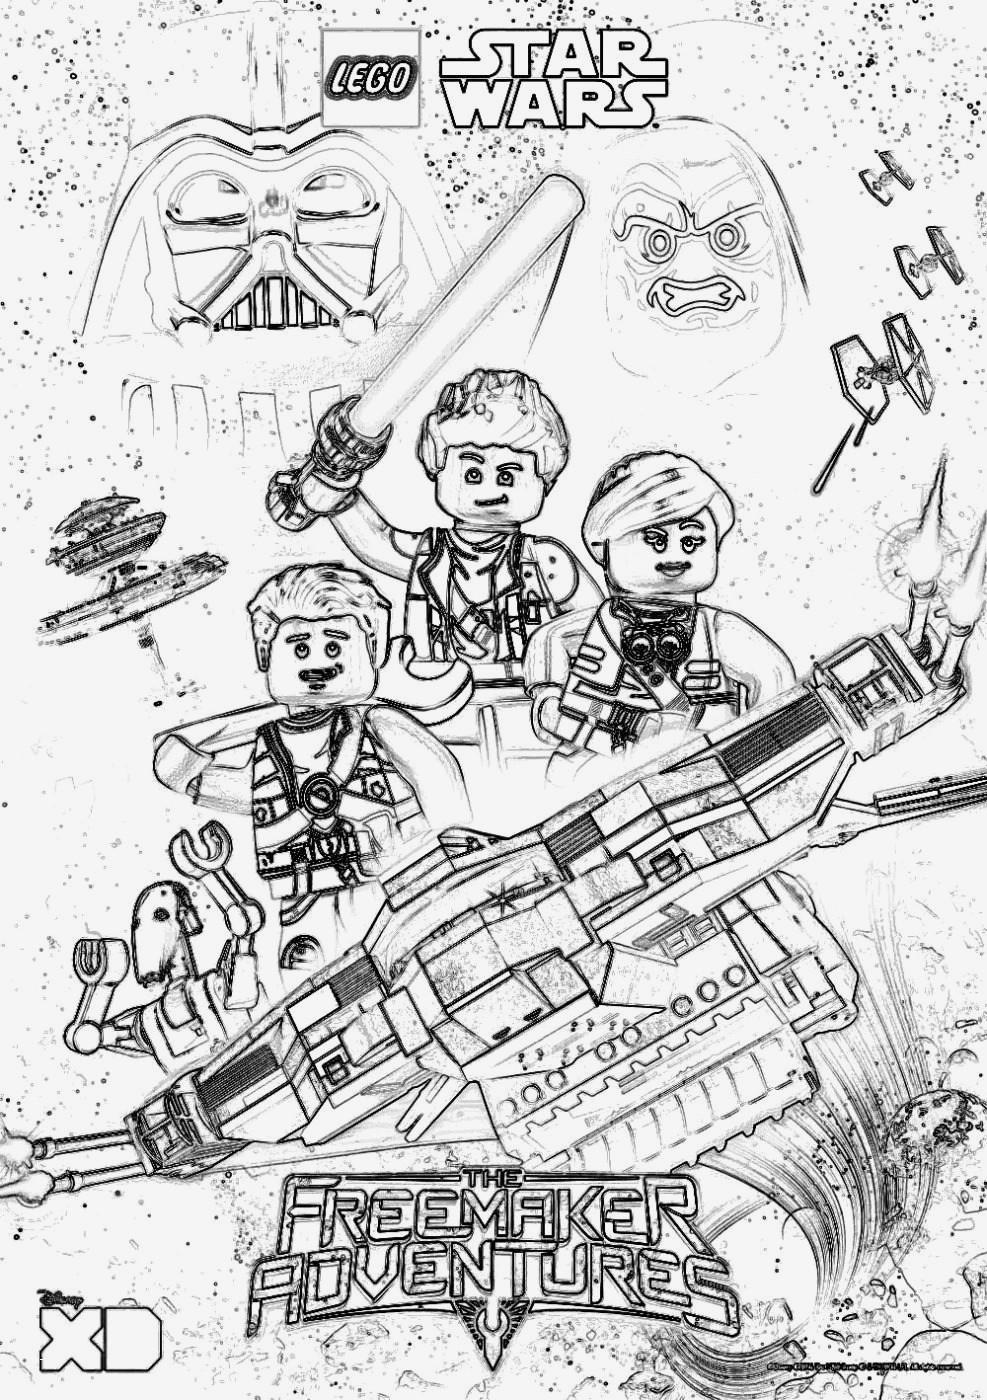 Lego Star Wars Malvorlagen Inspirierend Star Wars Malvorlagen Bildergalerie & Bilder Zum Ausmalen Lego Star Bild